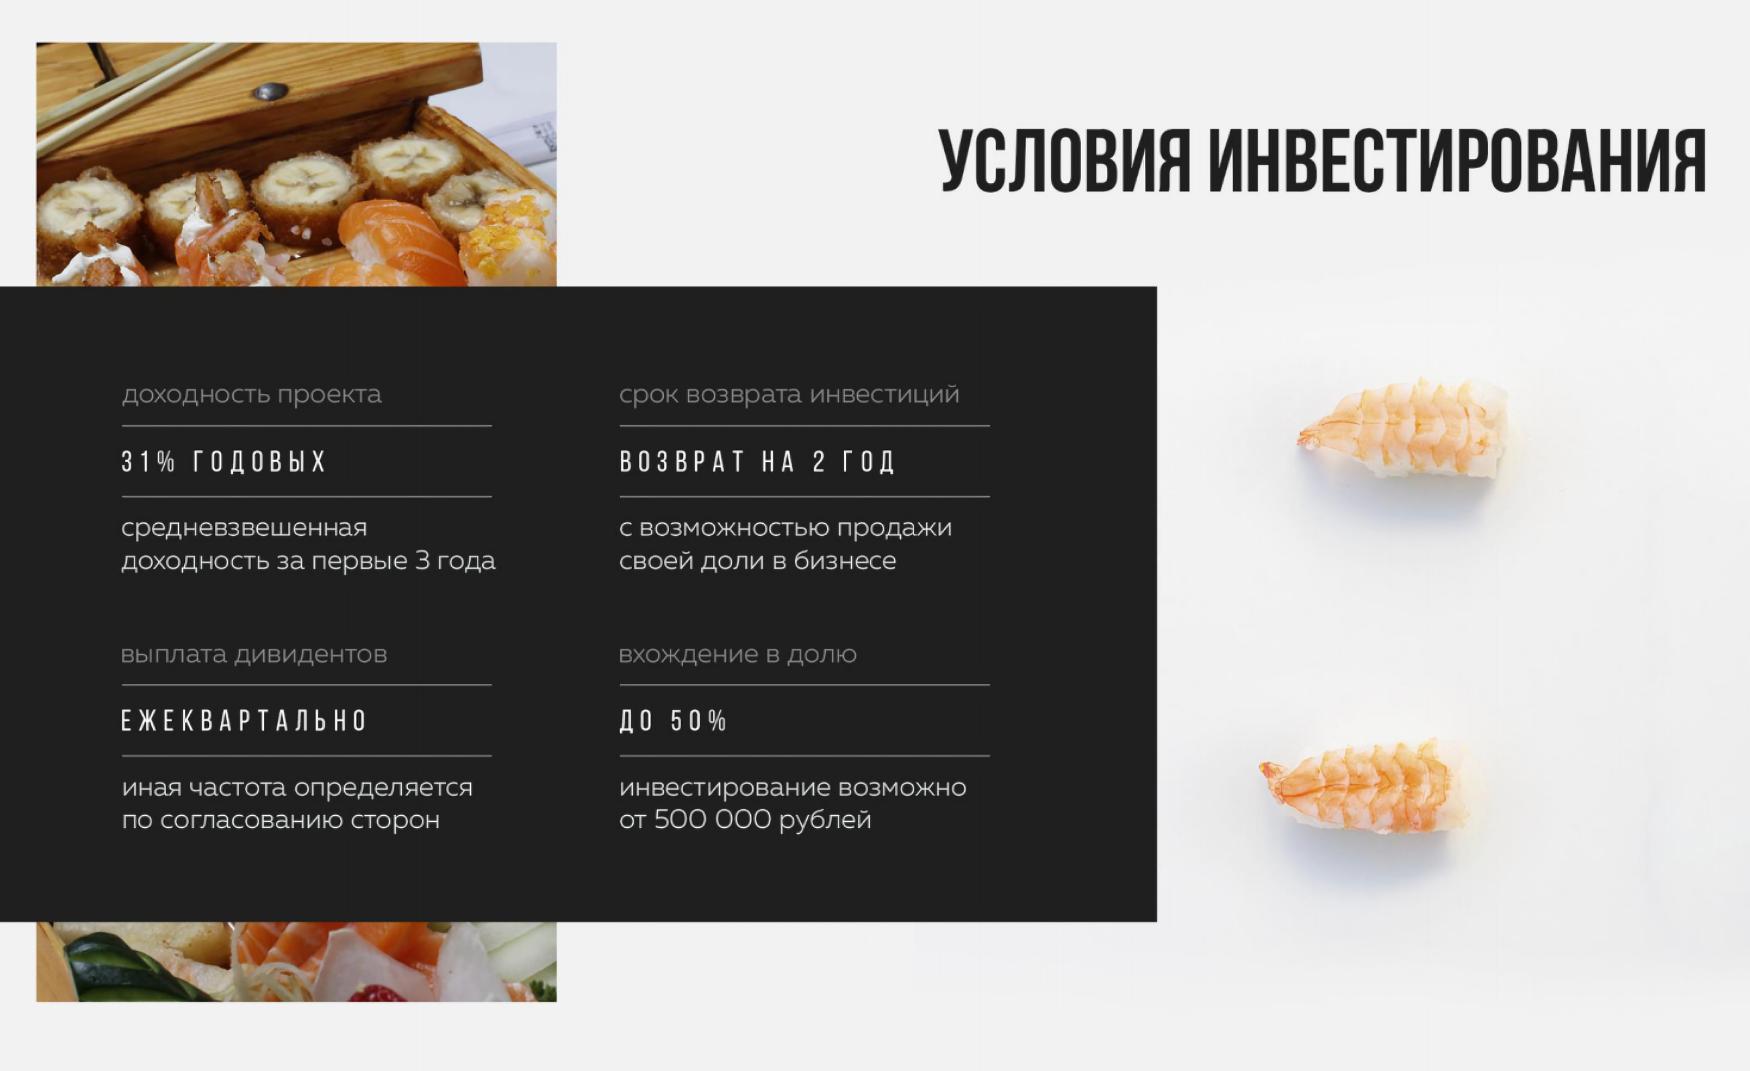 Возврат инвестиций в «Суши-мастере» планируется на второй год, порог входа — 500тысяч рублей